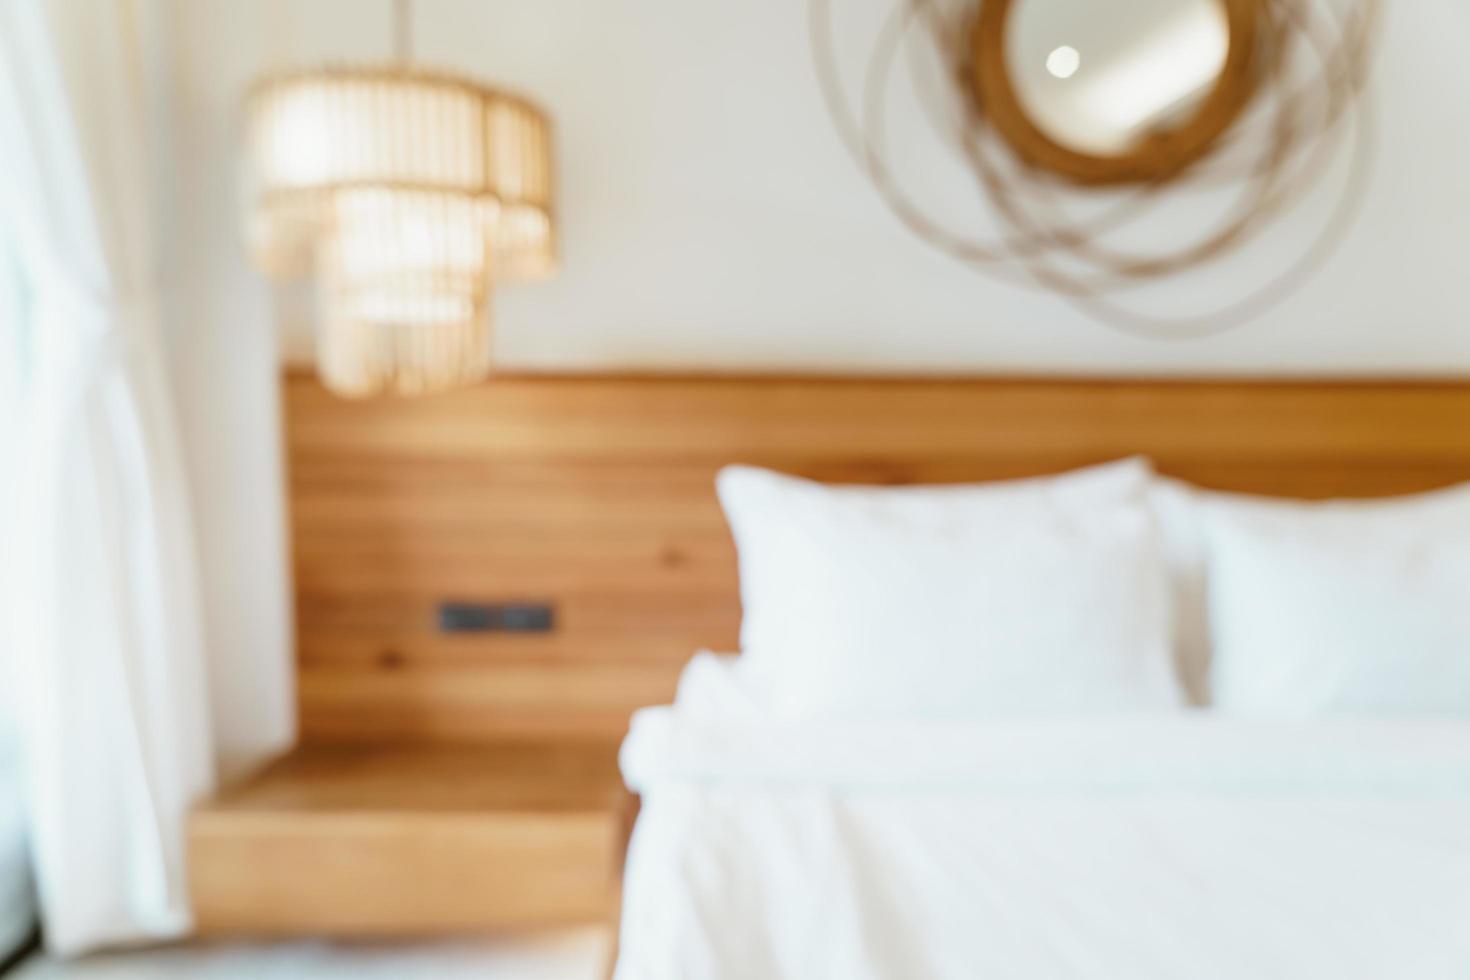 abstrakte Unschärfe und defokussierter Schlafzimmerinnenraum für den Hintergrund foto